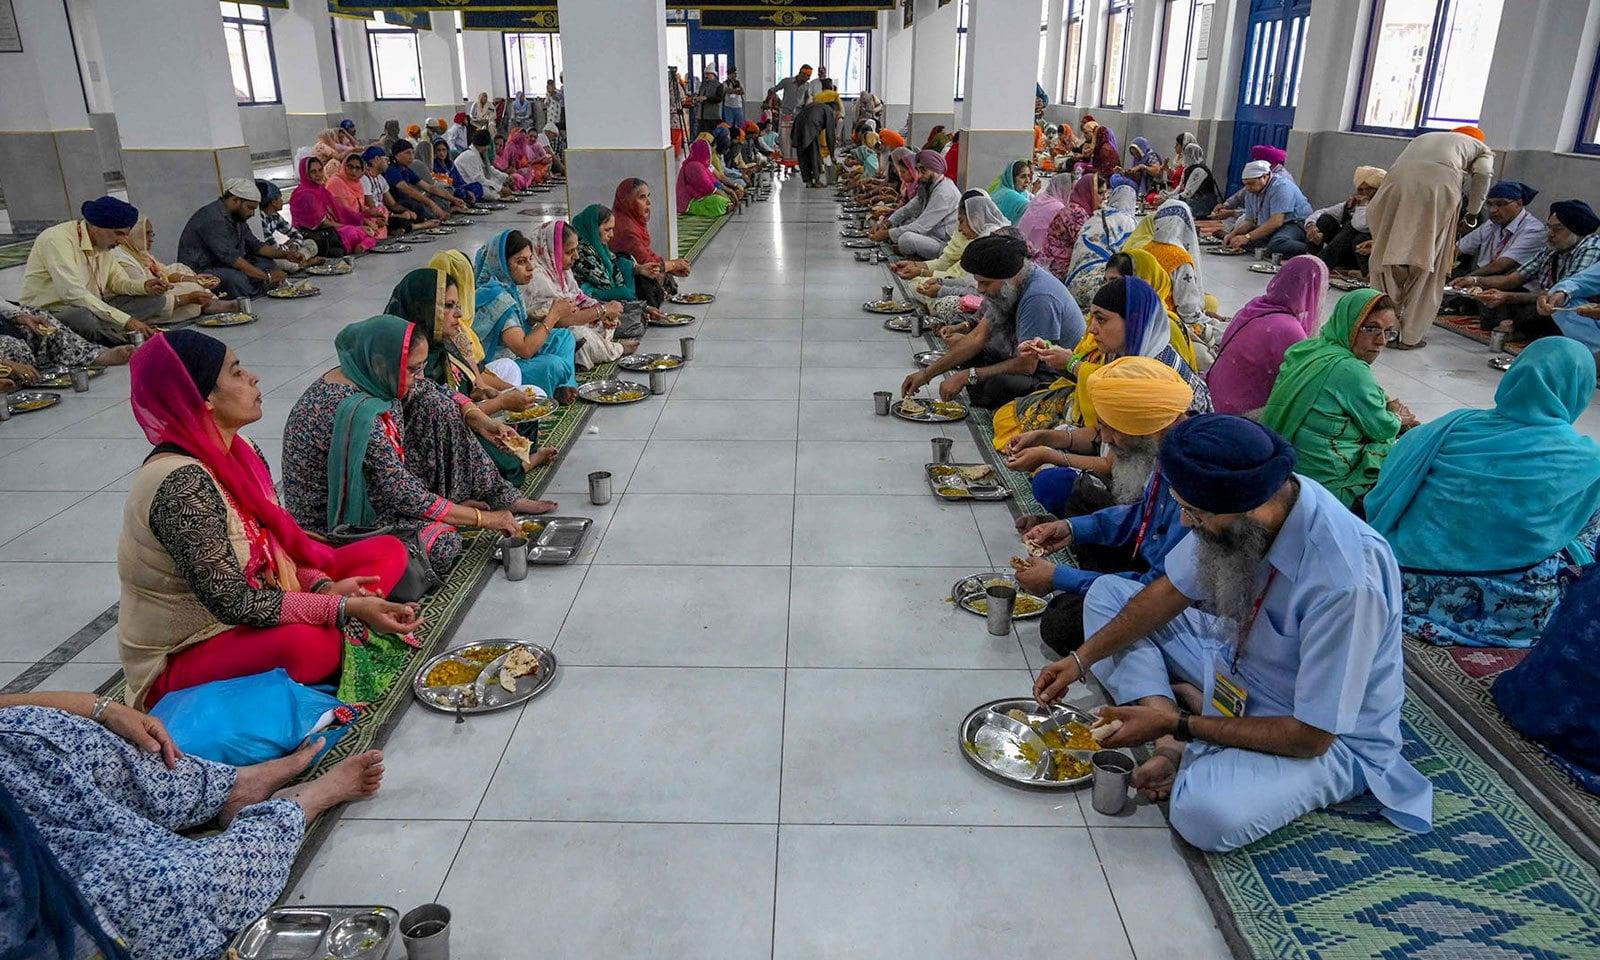 مزار میں سکھ زائرین طعام کر رہے ہیں — فوٹو: اے ایف پی